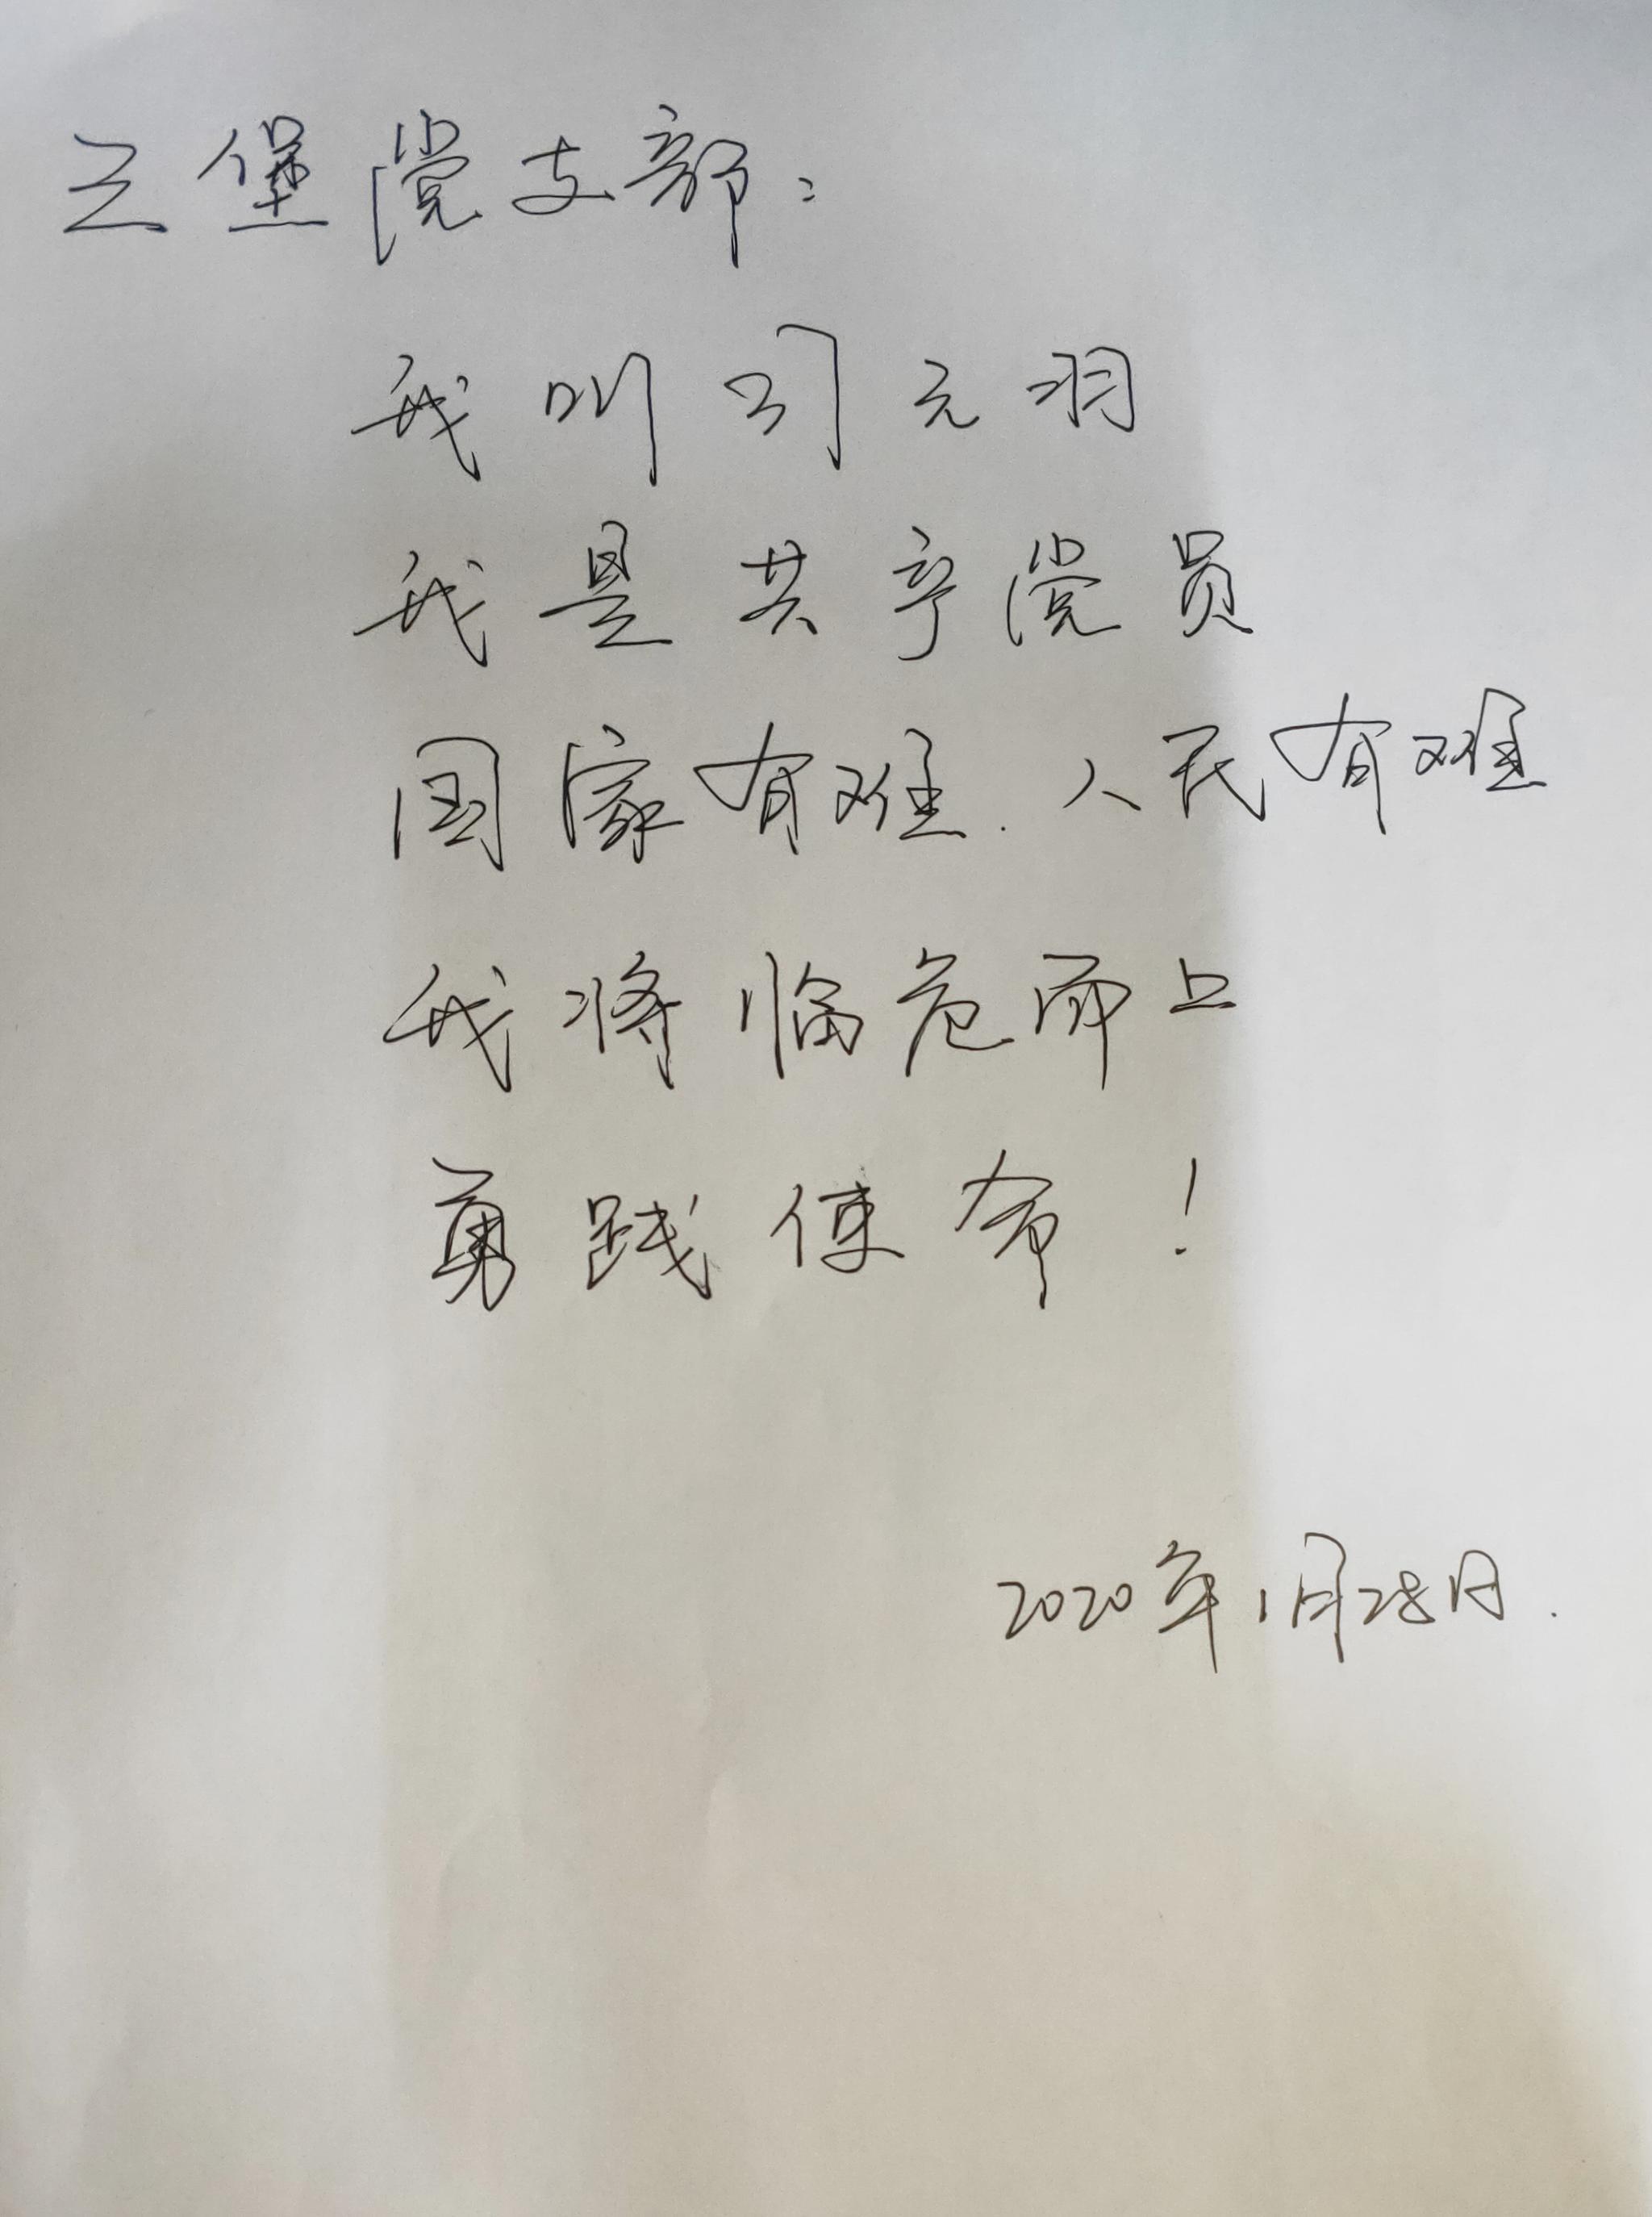 """司元羽手写的""""请战书""""。"""